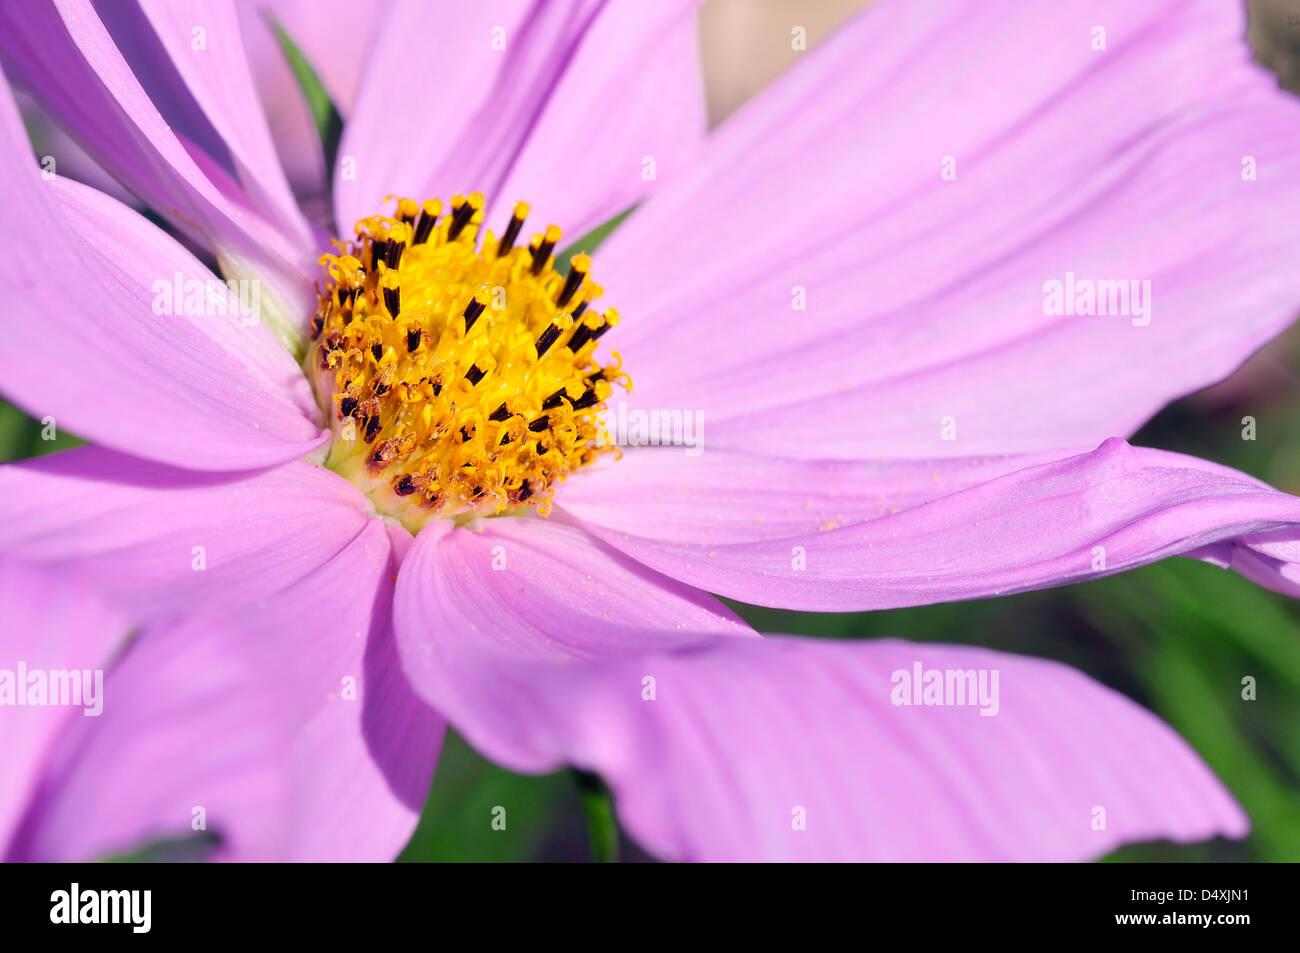 Macro of purple cosmos bipinnatus flower - Stock Image